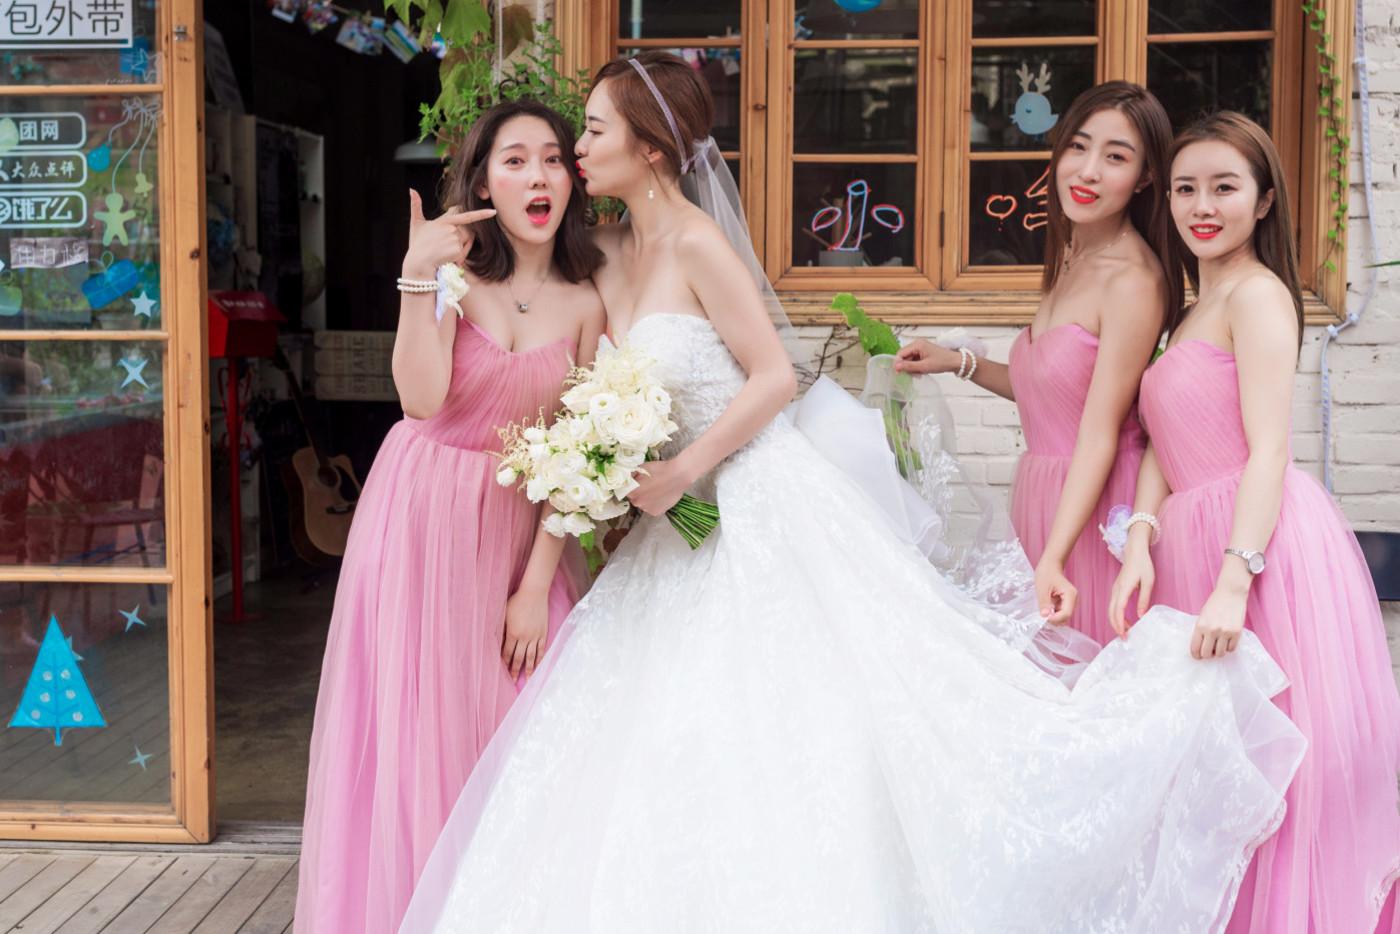 大美女的婚礼39